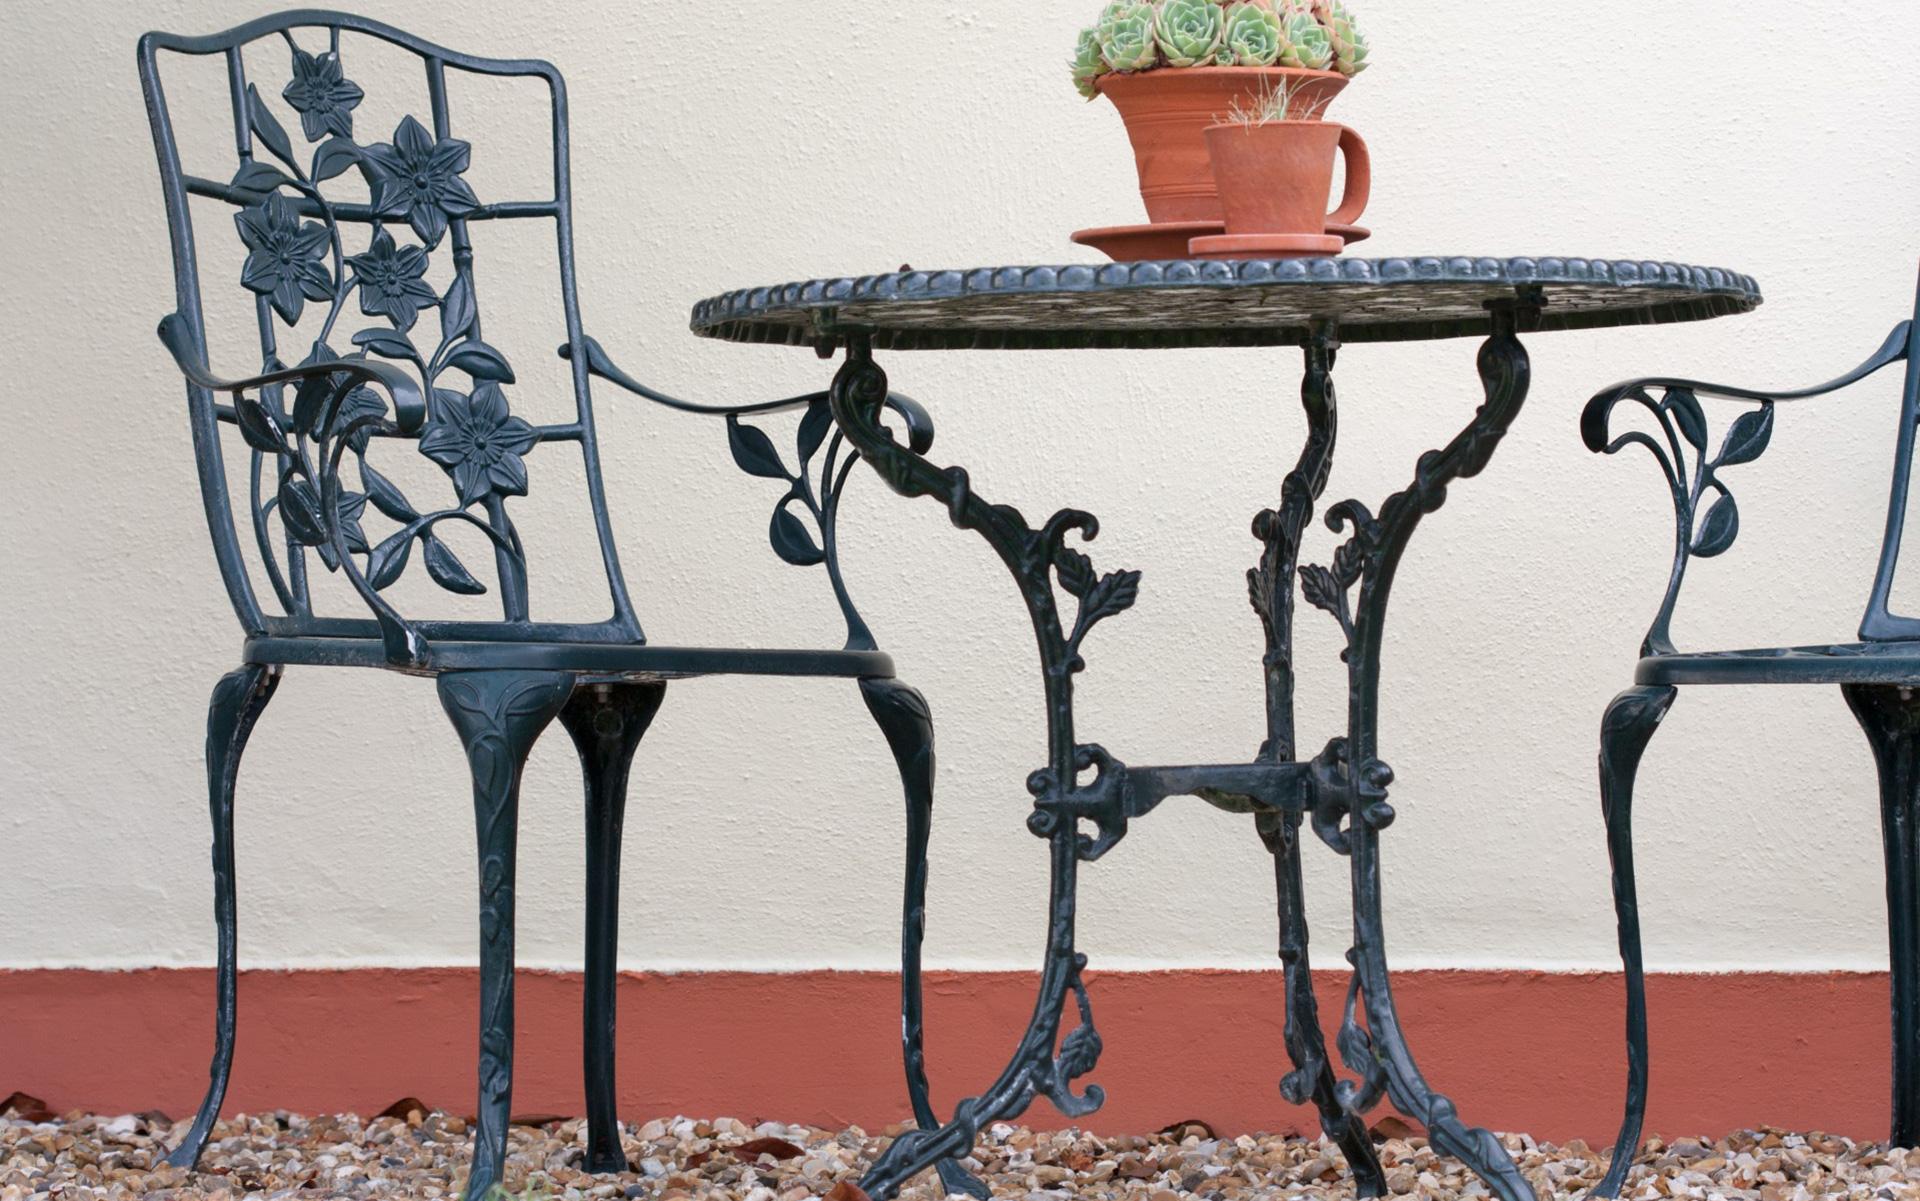 Kunstschmiede Szlavik Gallerie Skulpturen Gartenmoebel Preview 1 Fachgebiete